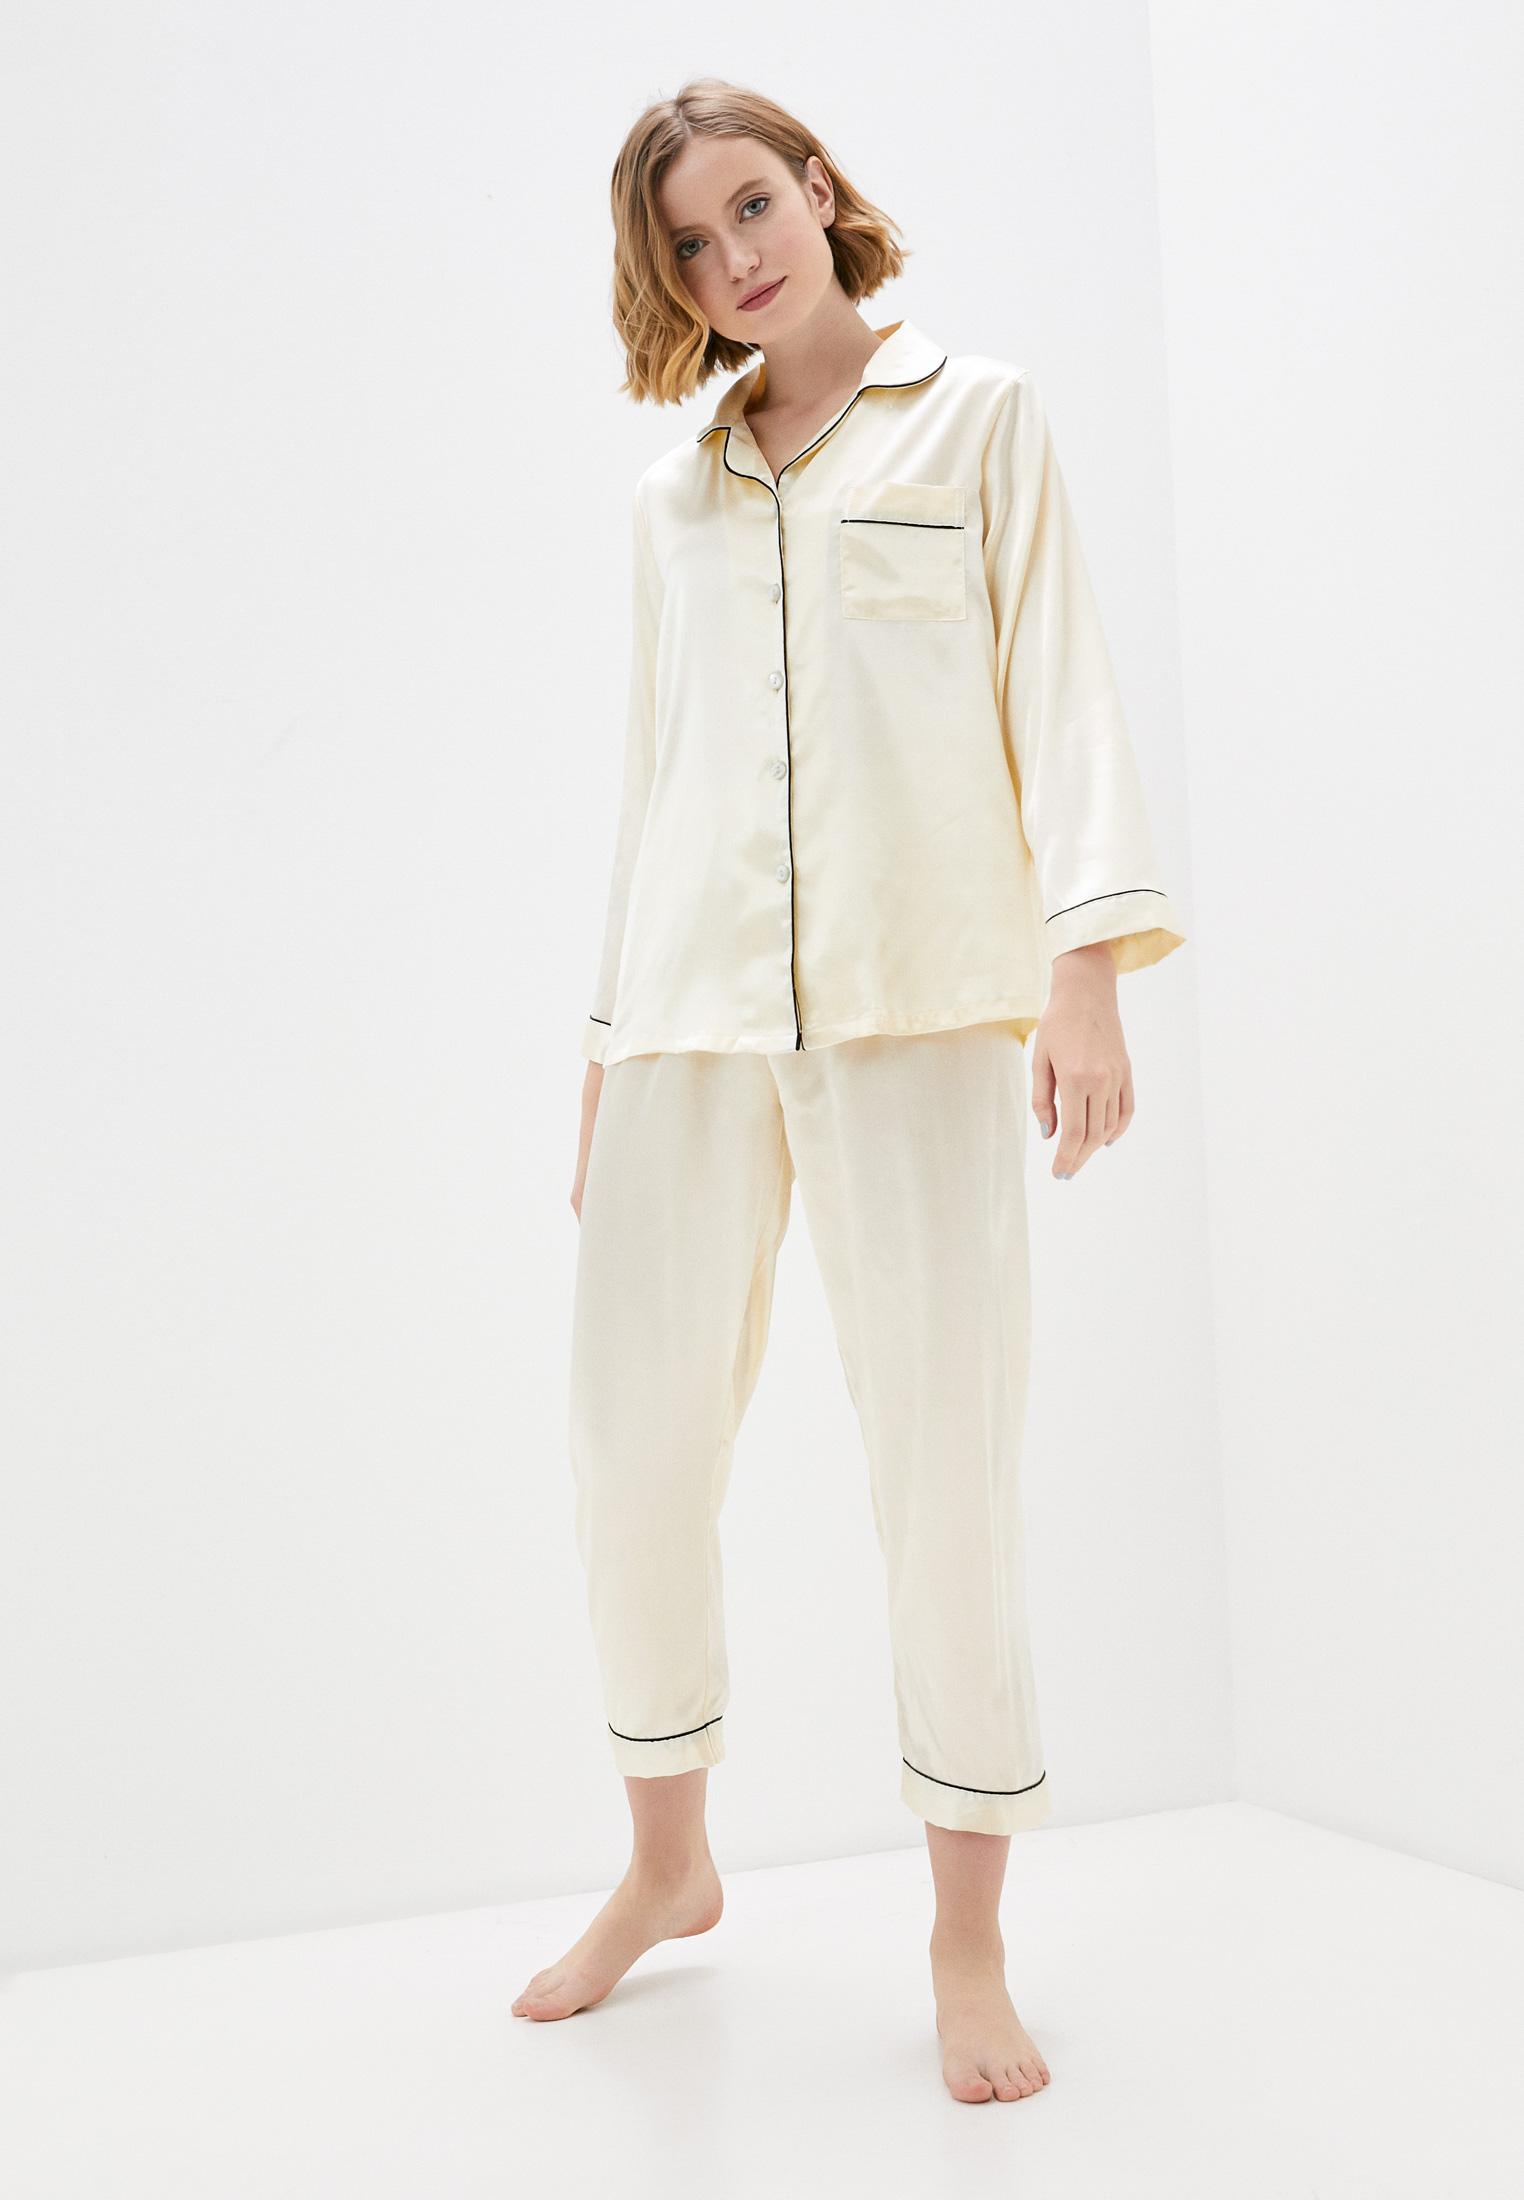 Женское белье и одежда для дома Francesca Peretti ss21020